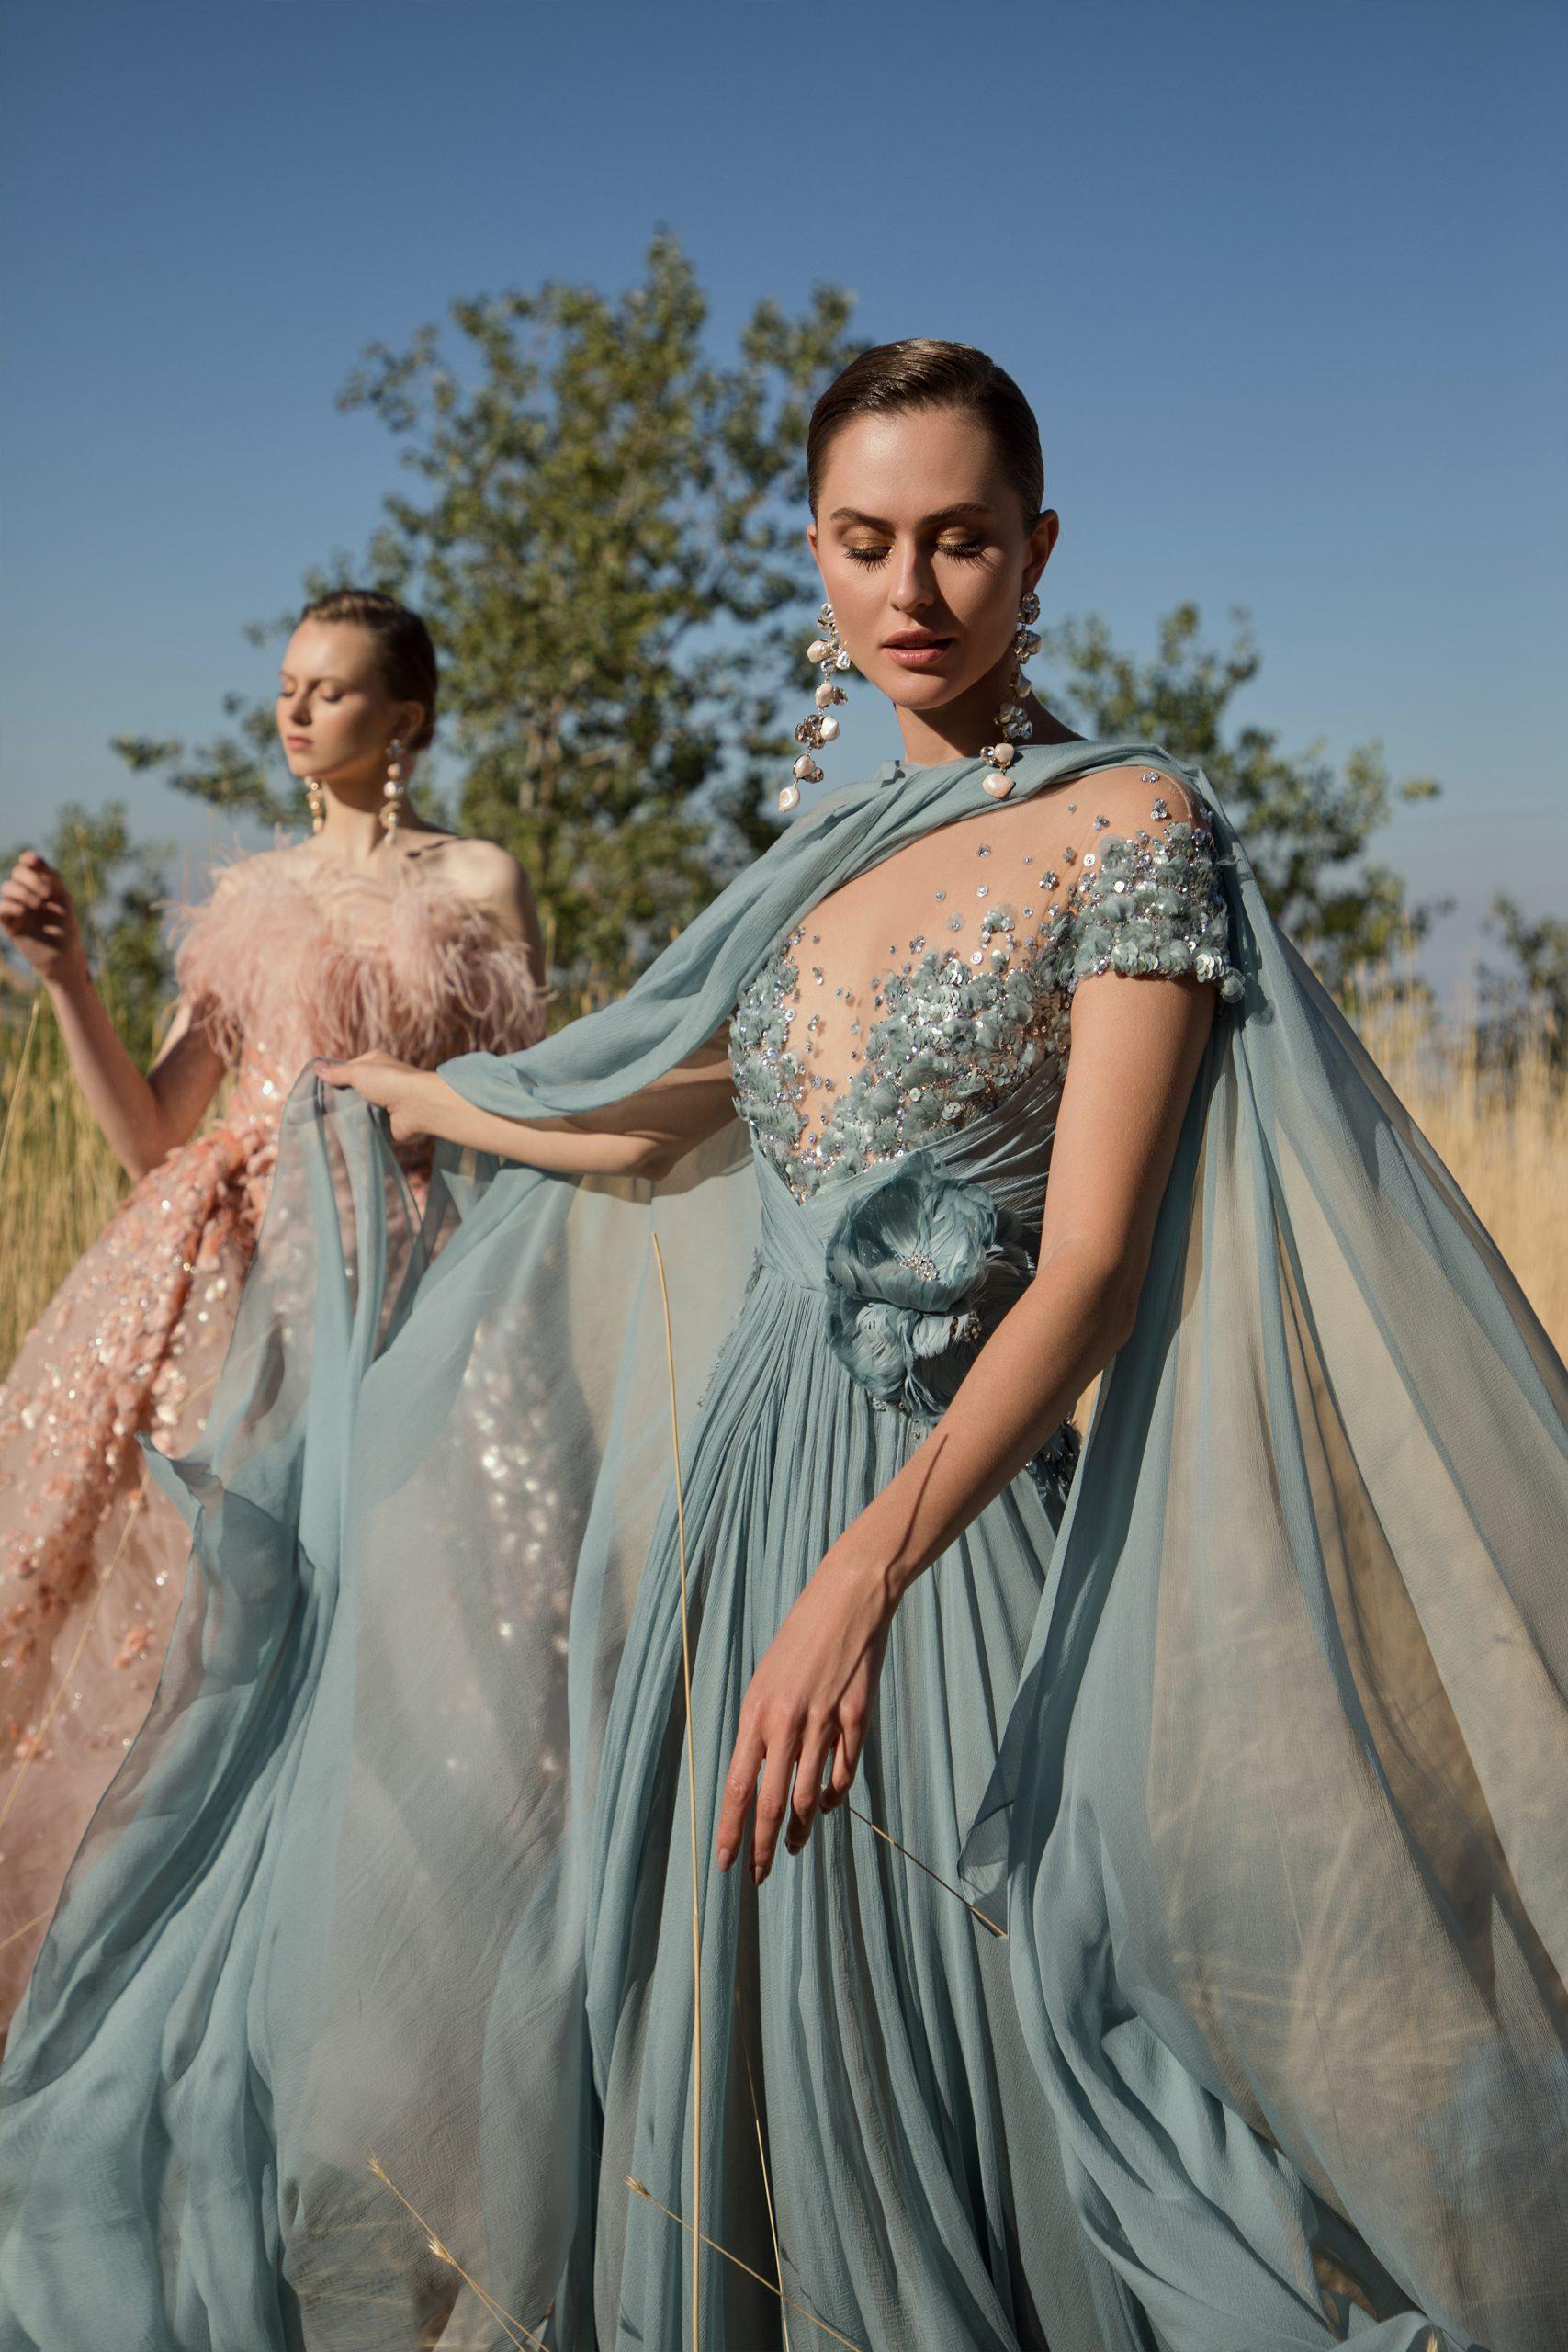 Ексклюзив: українські моделі про непрості зйомки в новому кампейні Elie Saab Haute Couture